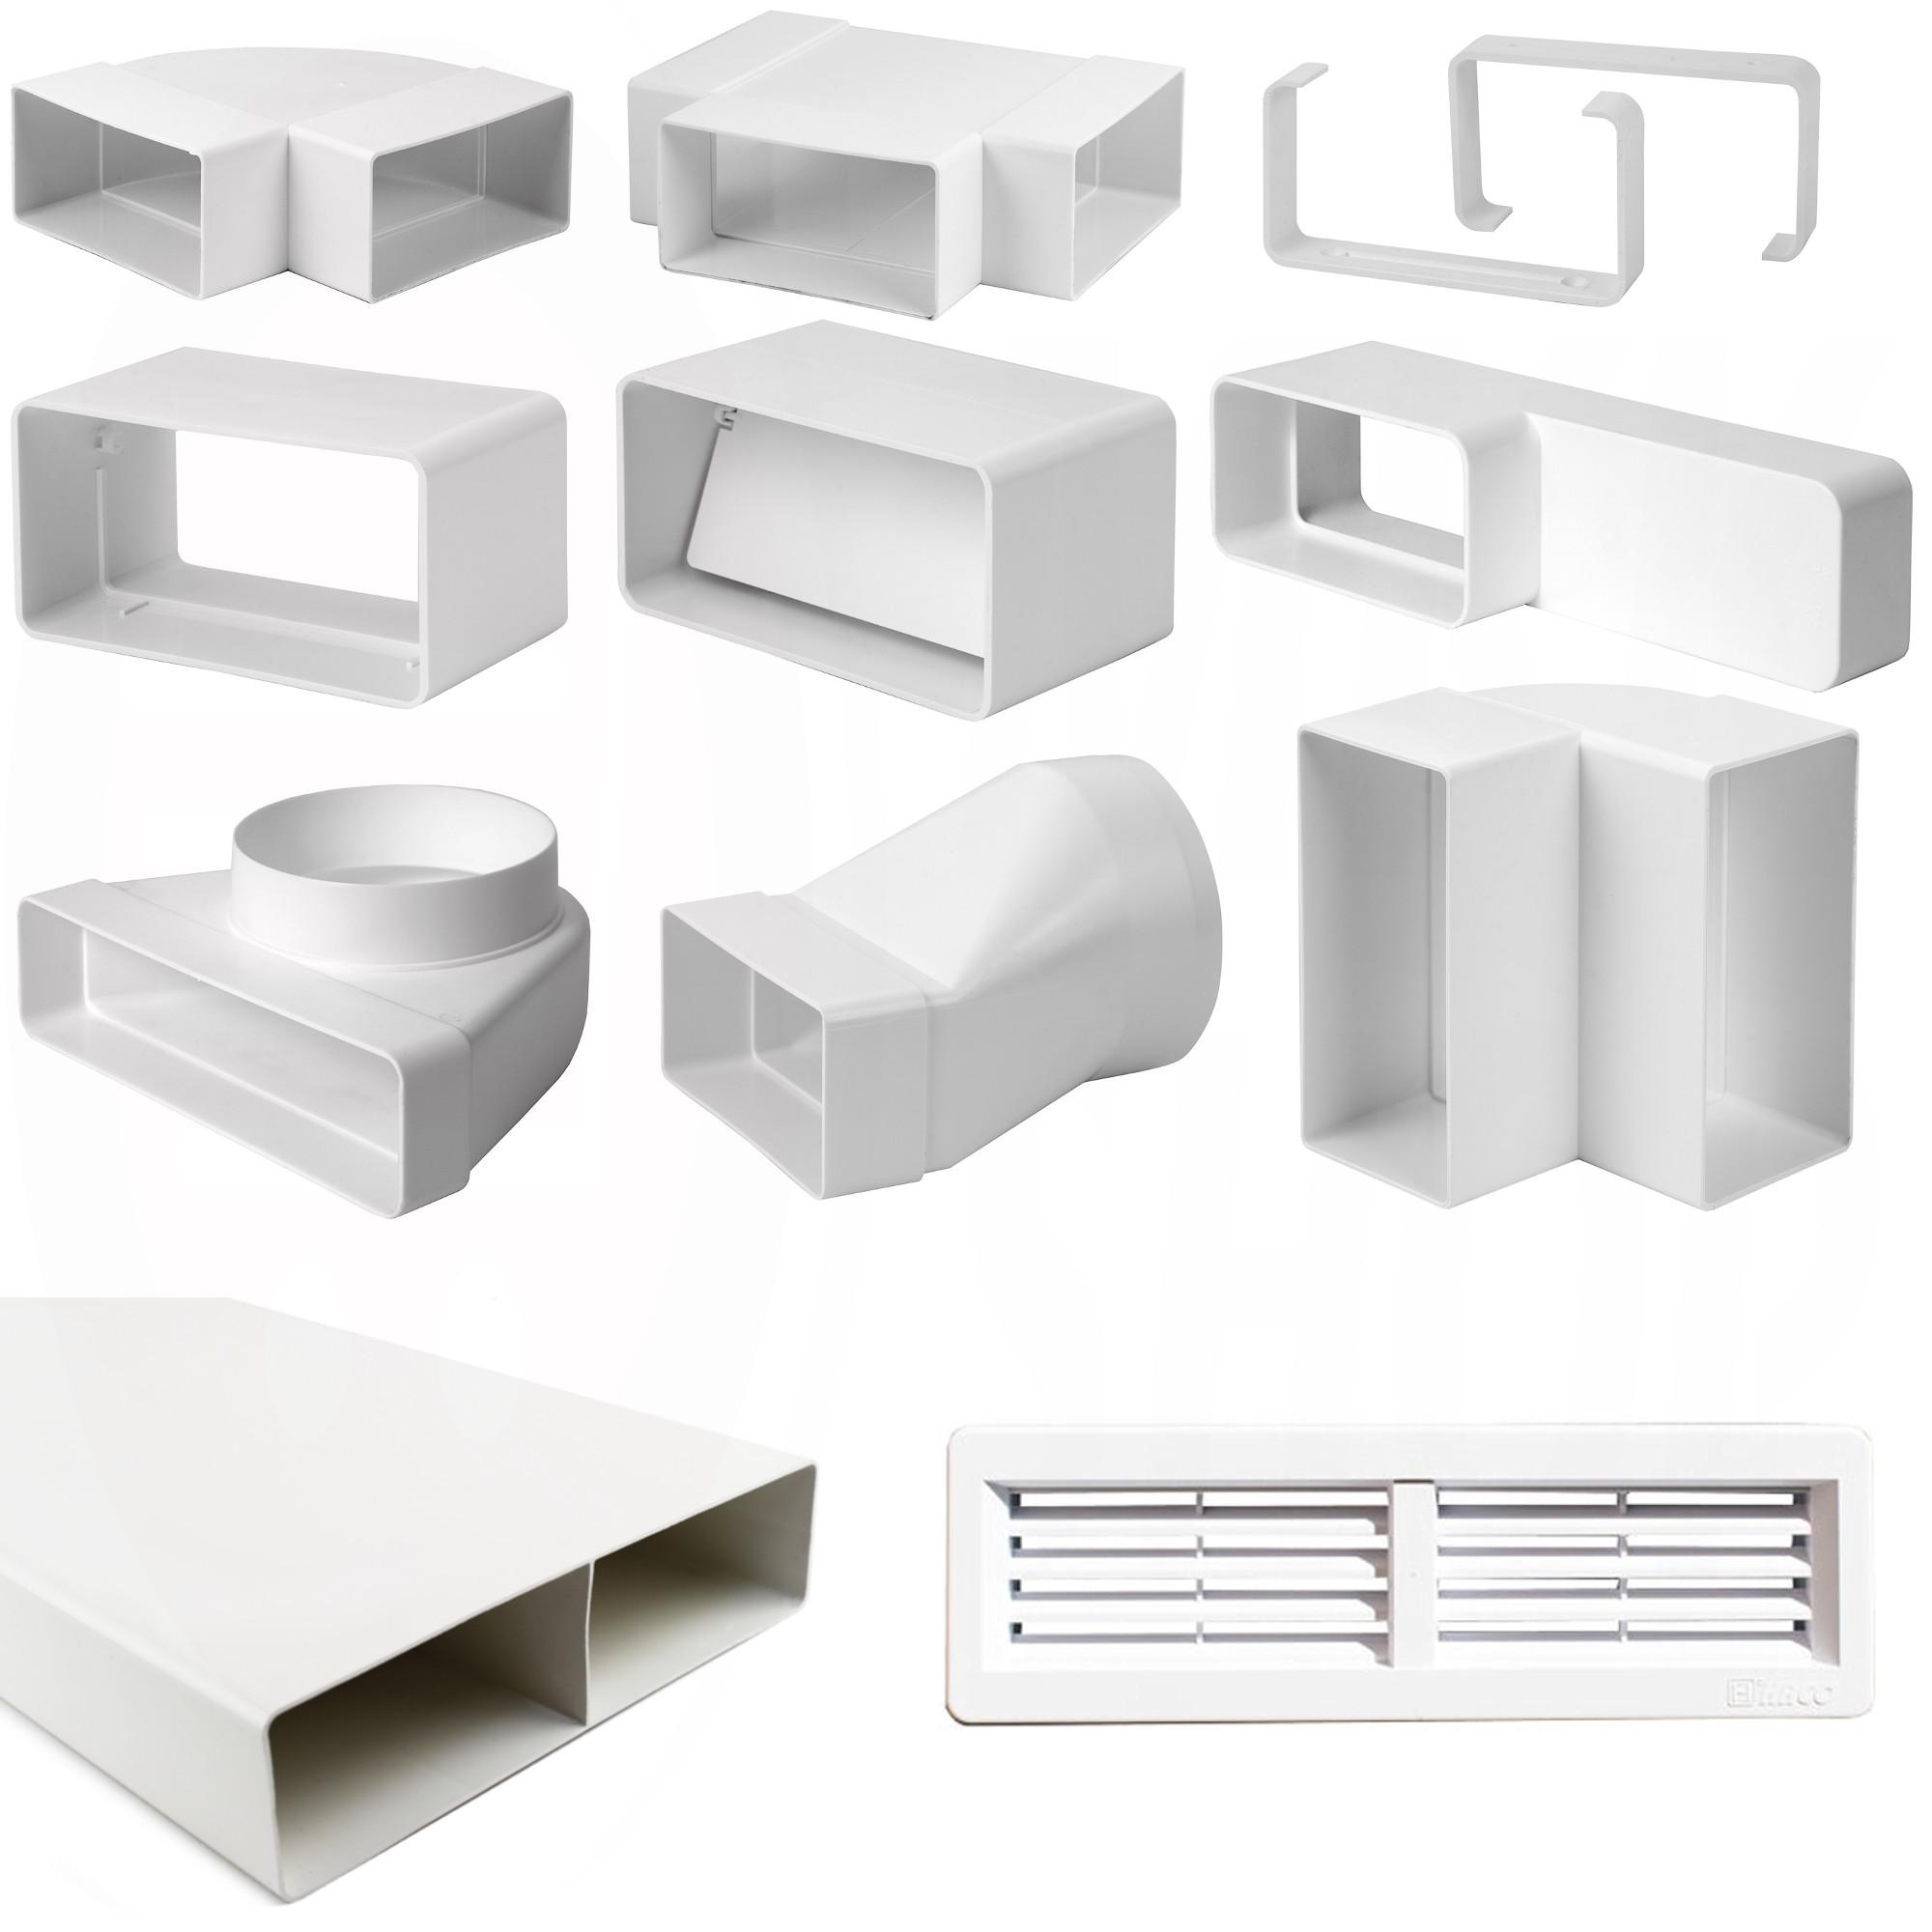 l ftungskanal flach kunststoff klimaanlage und heizung. Black Bedroom Furniture Sets. Home Design Ideas